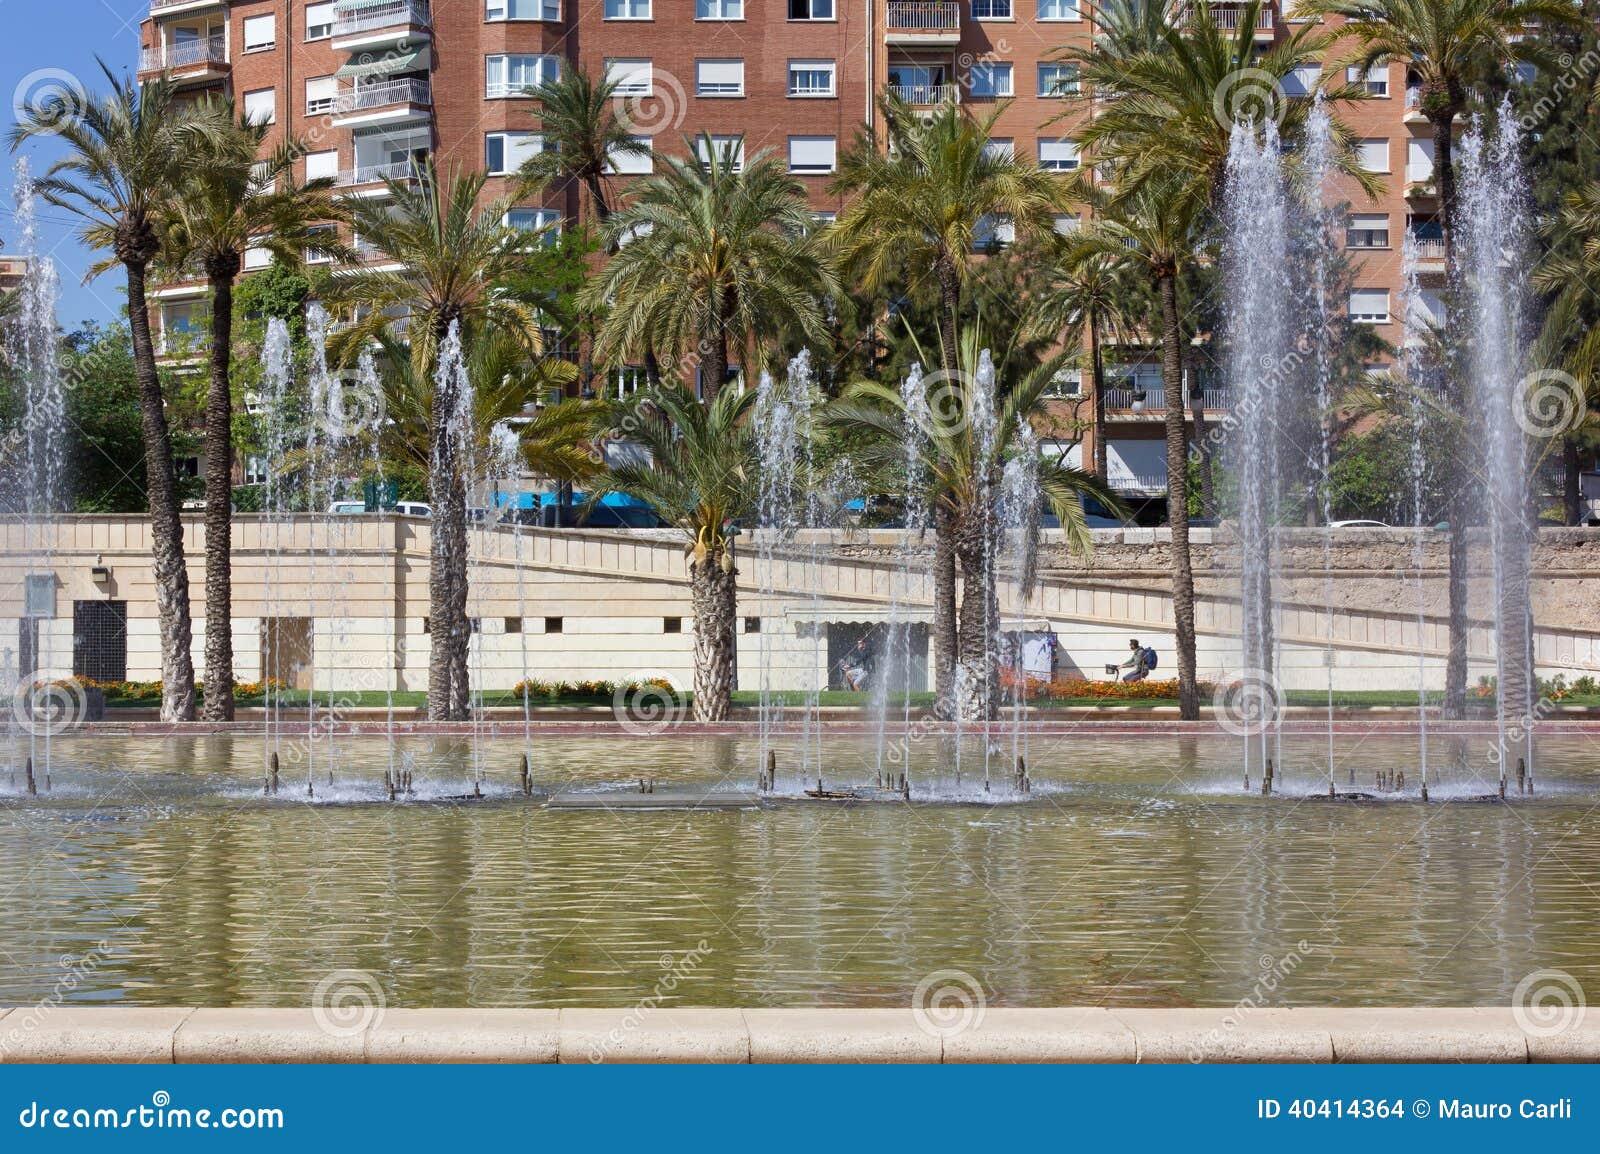 Jardin del turia park in valencia stock foto afbeelding - Jardin del turia valencia ...